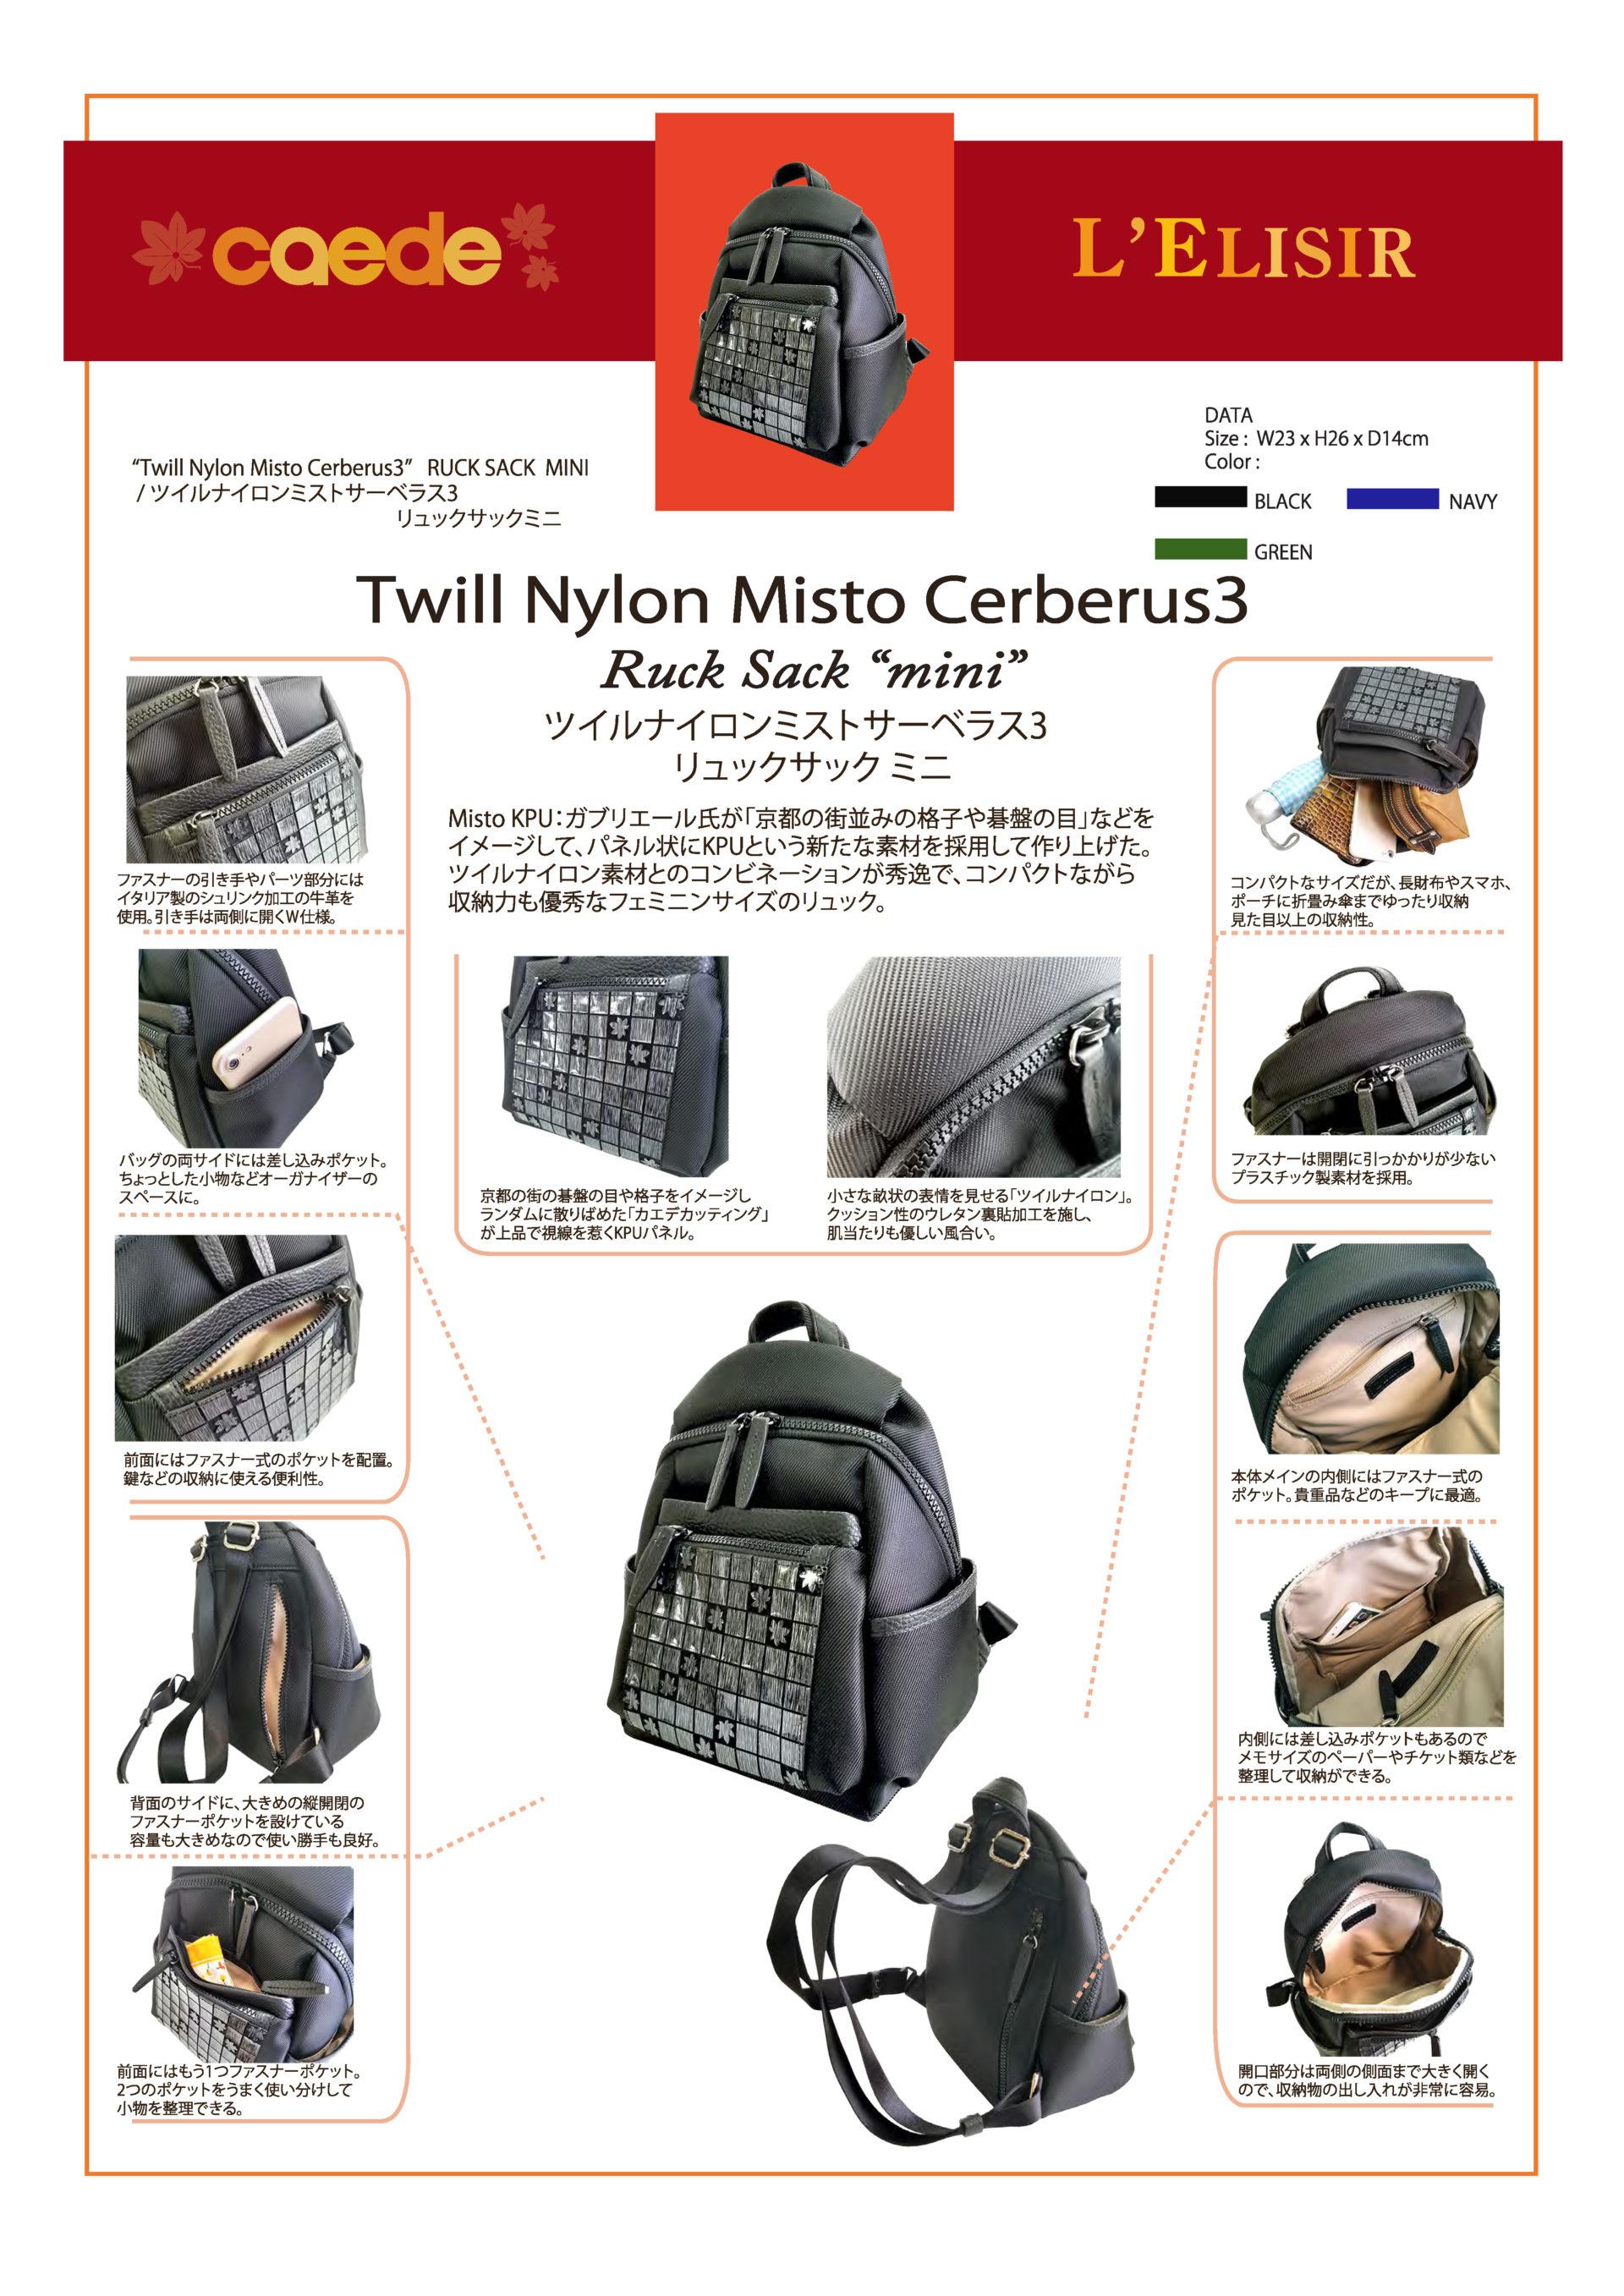 72954 twill nylon misto